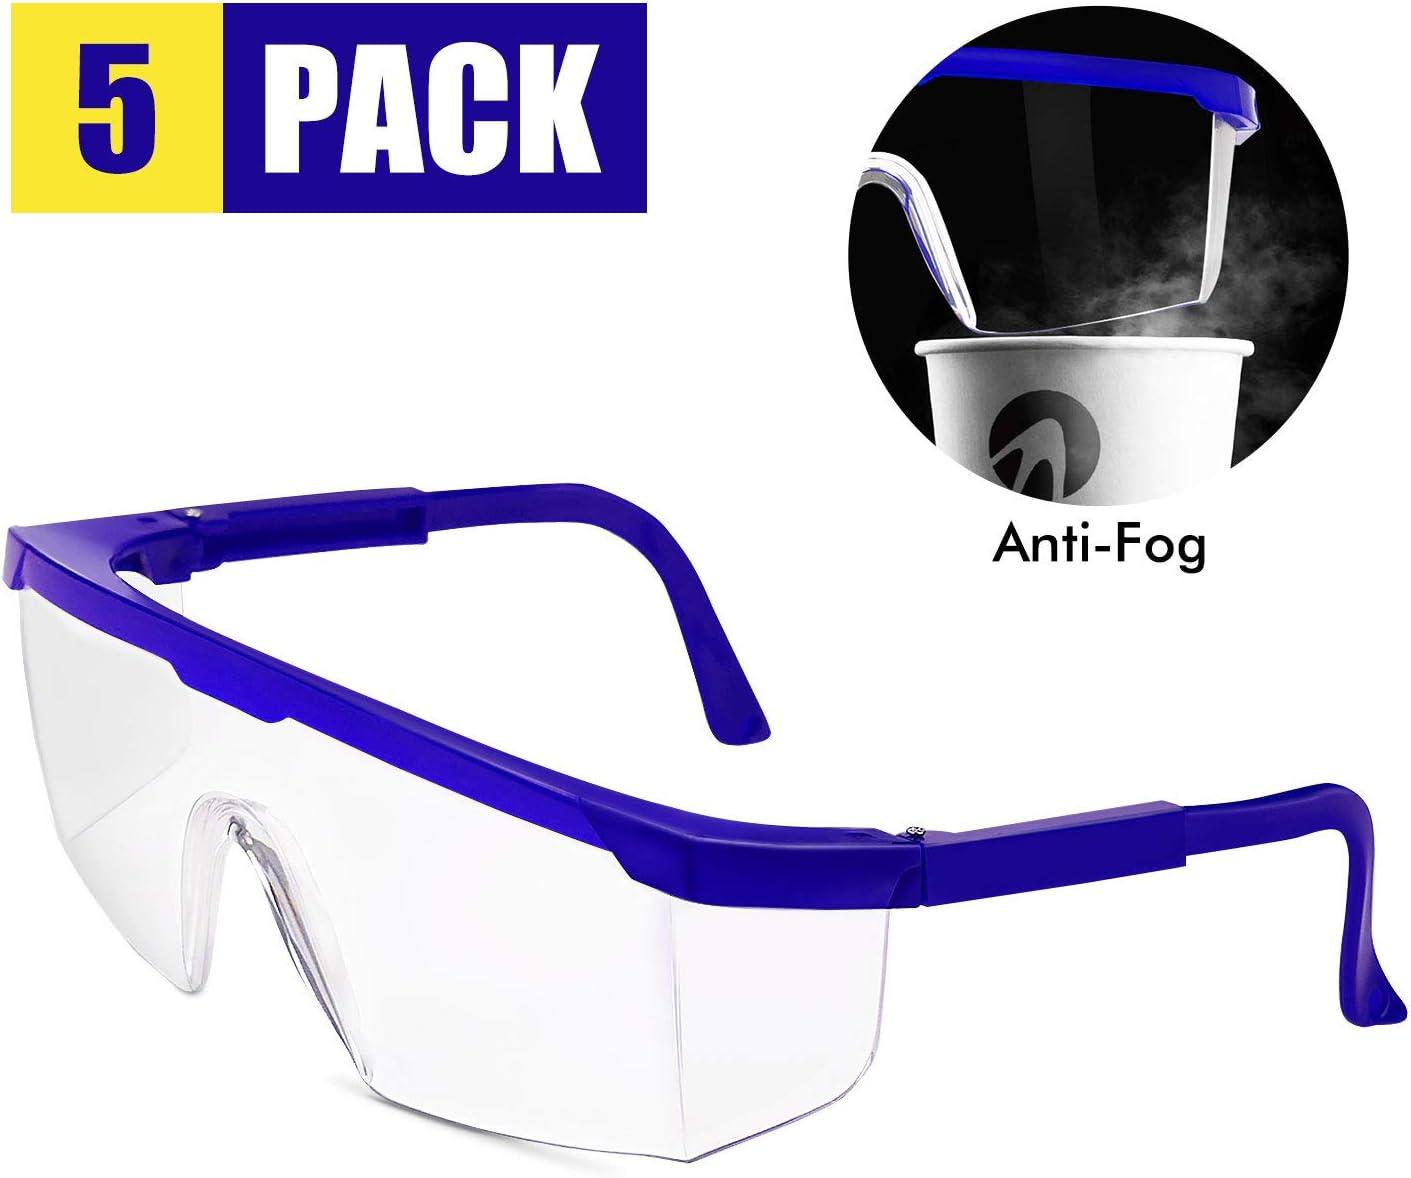 Gafas de protección profesionales de TOPLUS, gafas de protección profesional contra salpicaduras y vómitos, ideales para obras, talleres, jardines y deportes